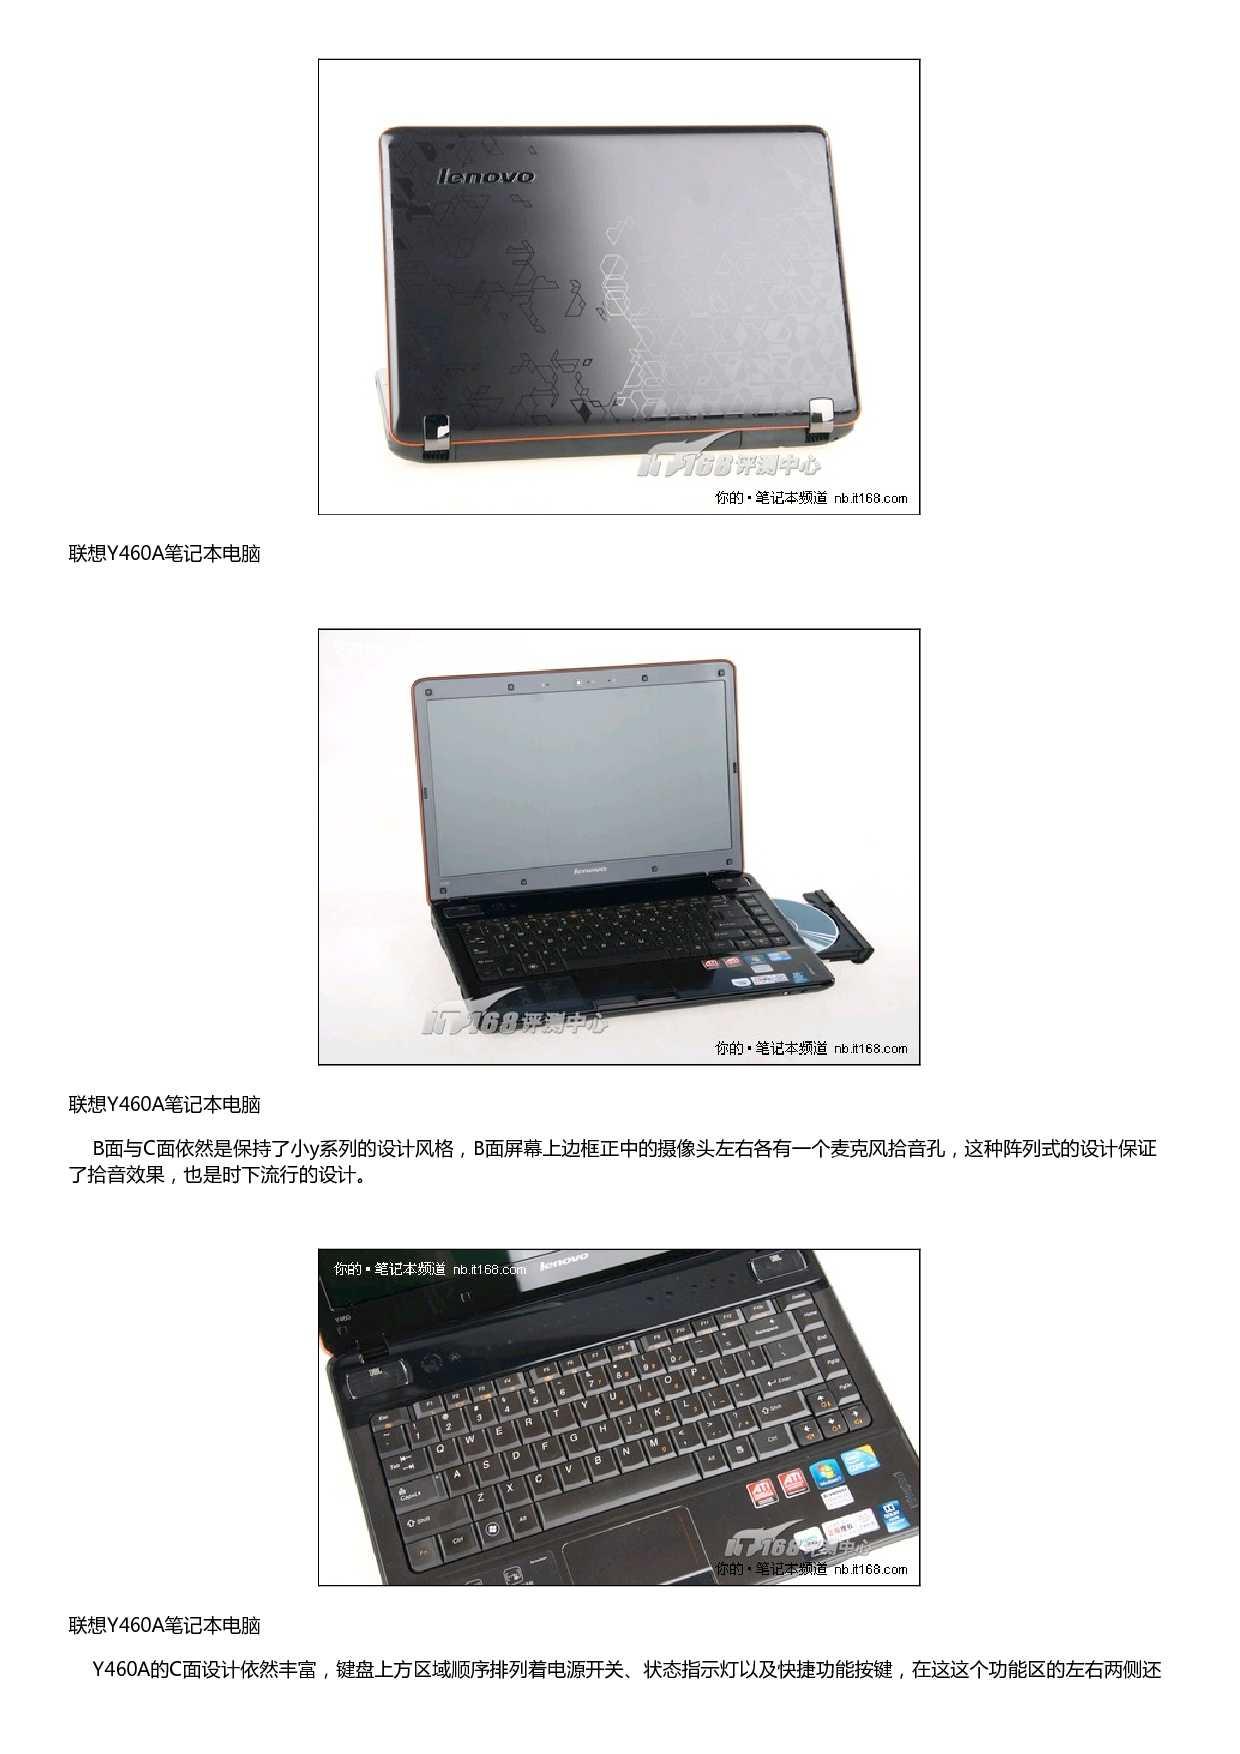 解决方案:如何为Lenovo Y460切换图形卡